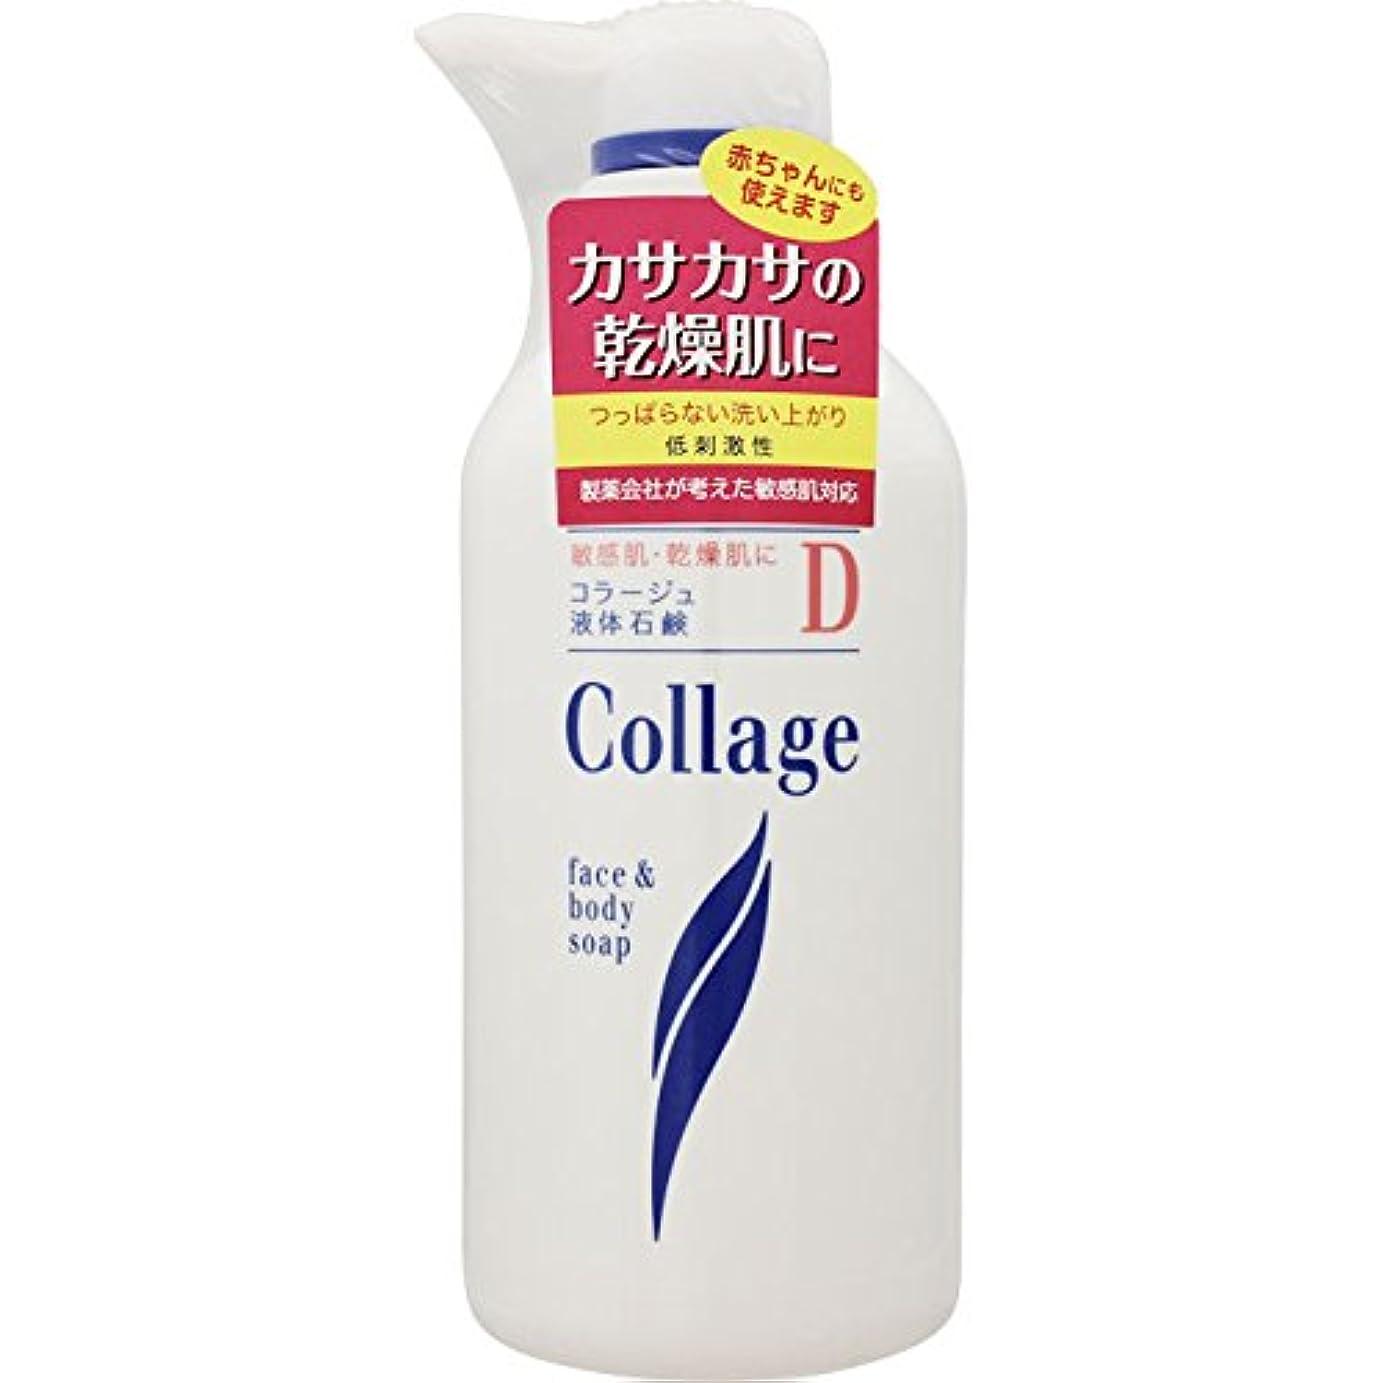 訴える盗難即席持田ヘルスケア コラージュD液体石鹸 400ml